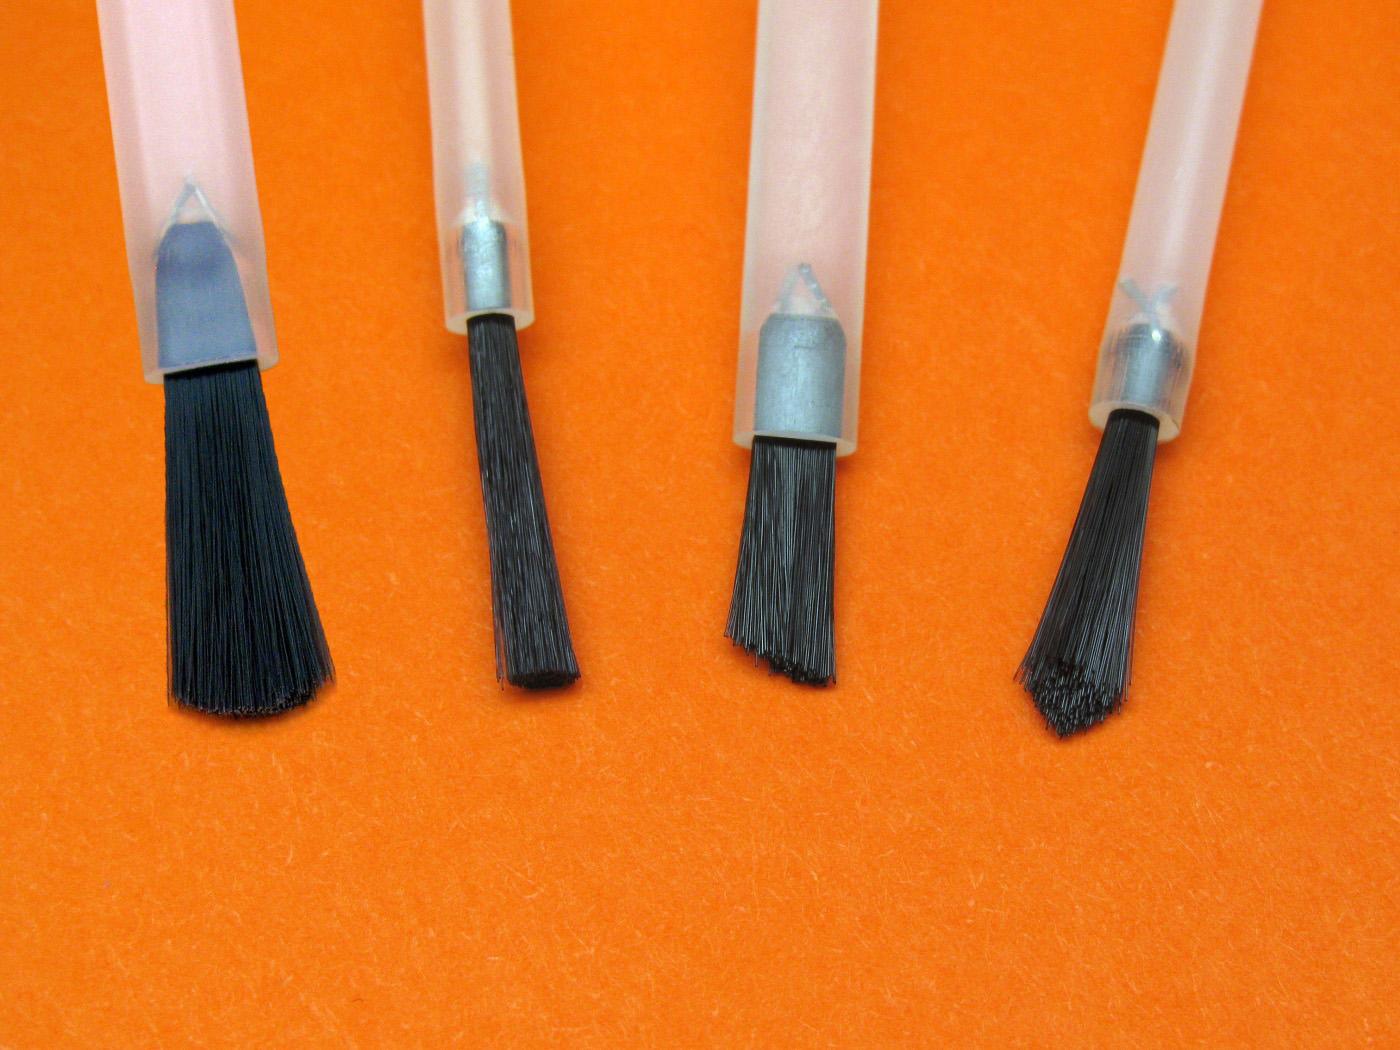 je nach Anwendungsfall können verschiedene Haarschnitte angeboten werden